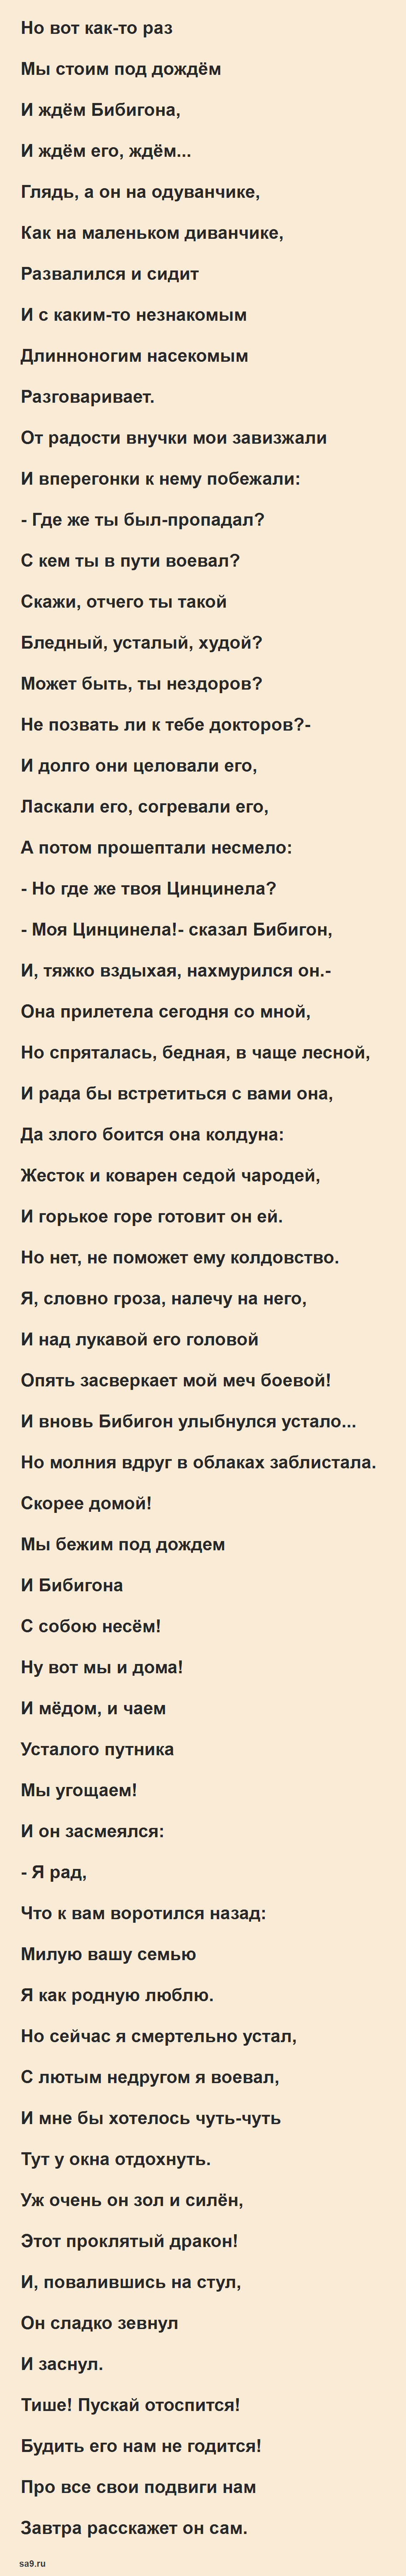 Сказка Чуковского для детей 'Приключения Бибигона'